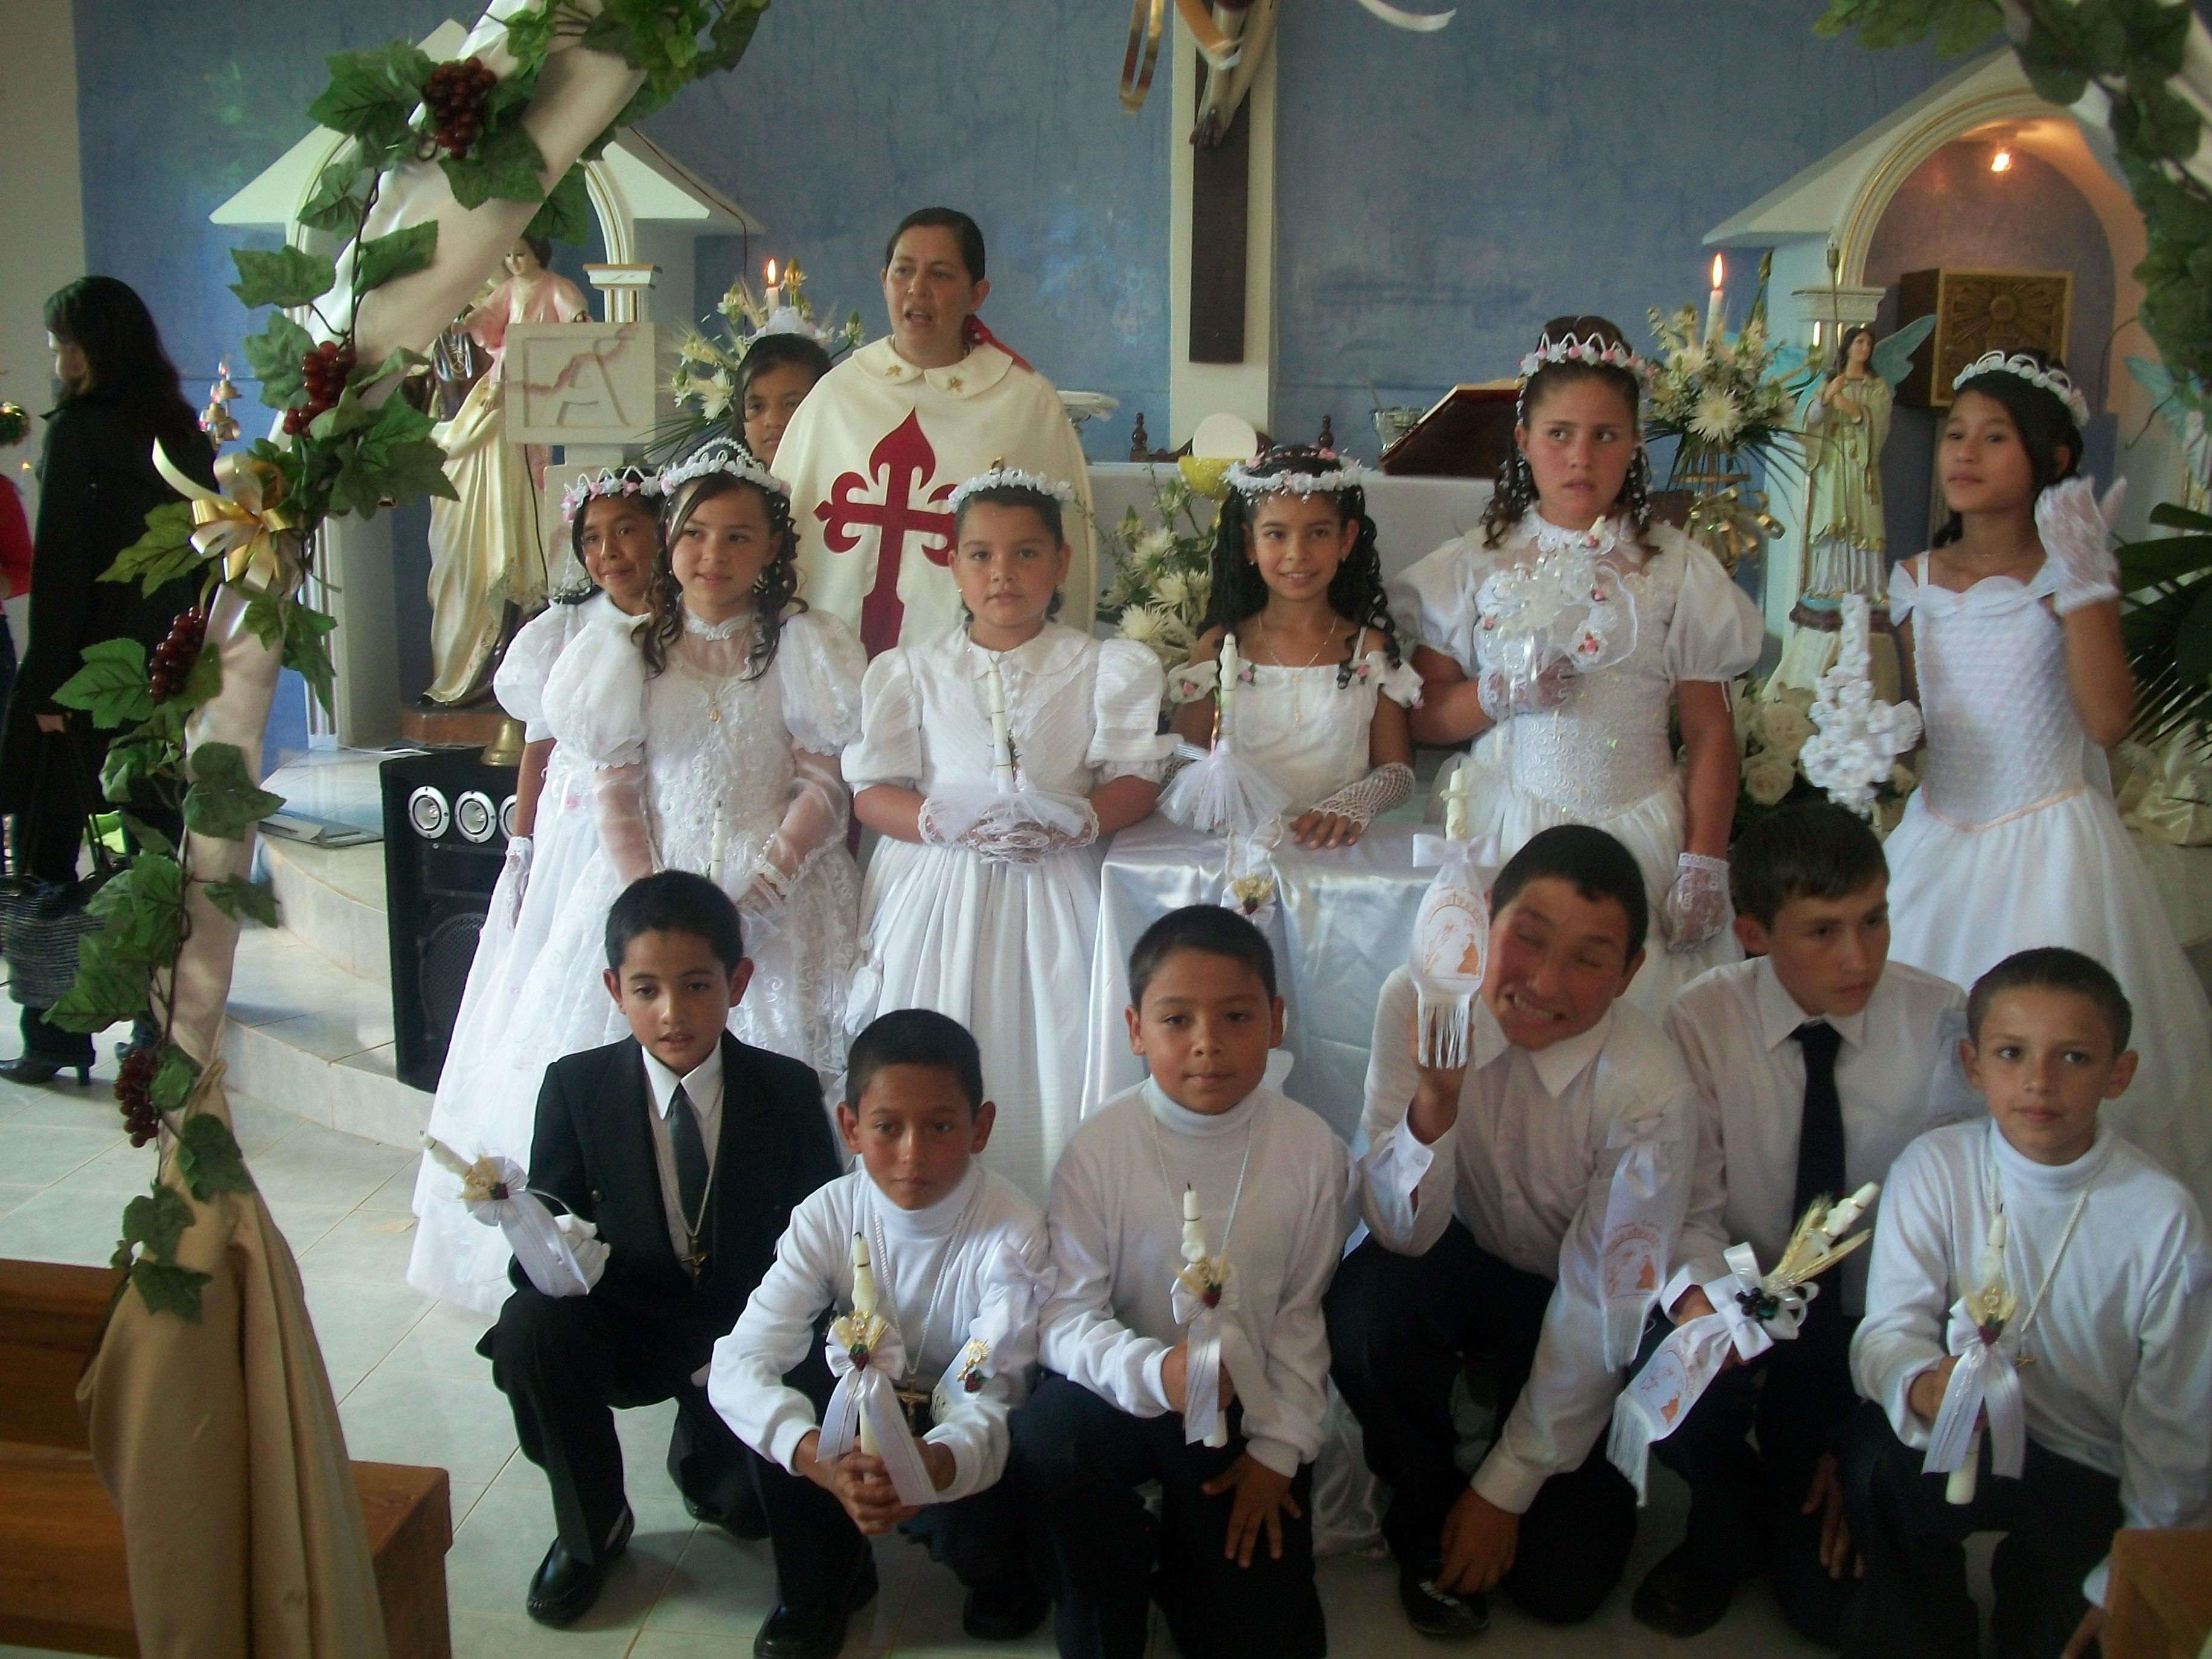 imagenes de ninos de primera comunion